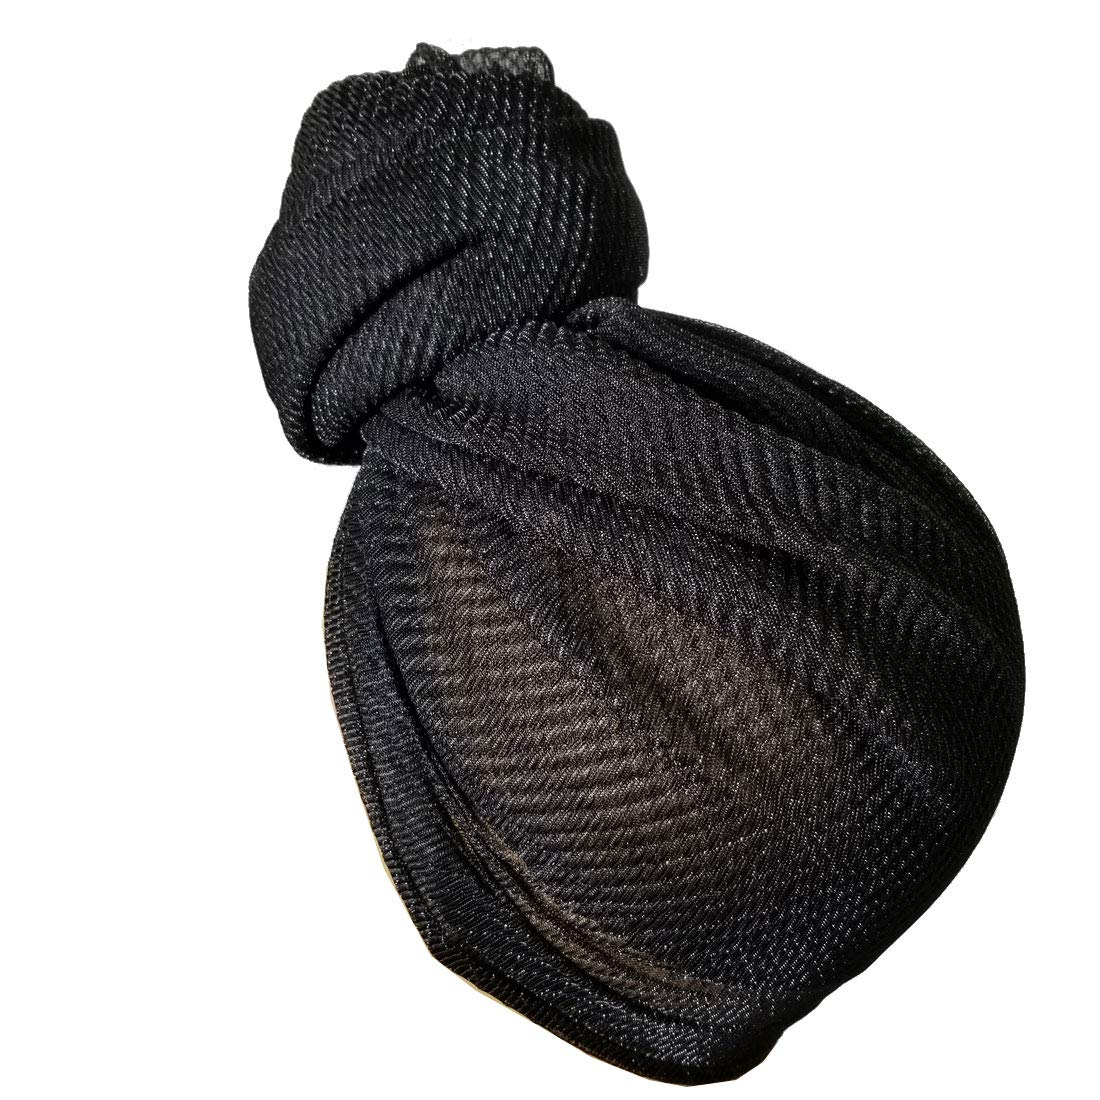 Stretch Head Wrap - Long Black Head Wrap Turban Hair Scarf Tie Color ... cad66c5b3f0